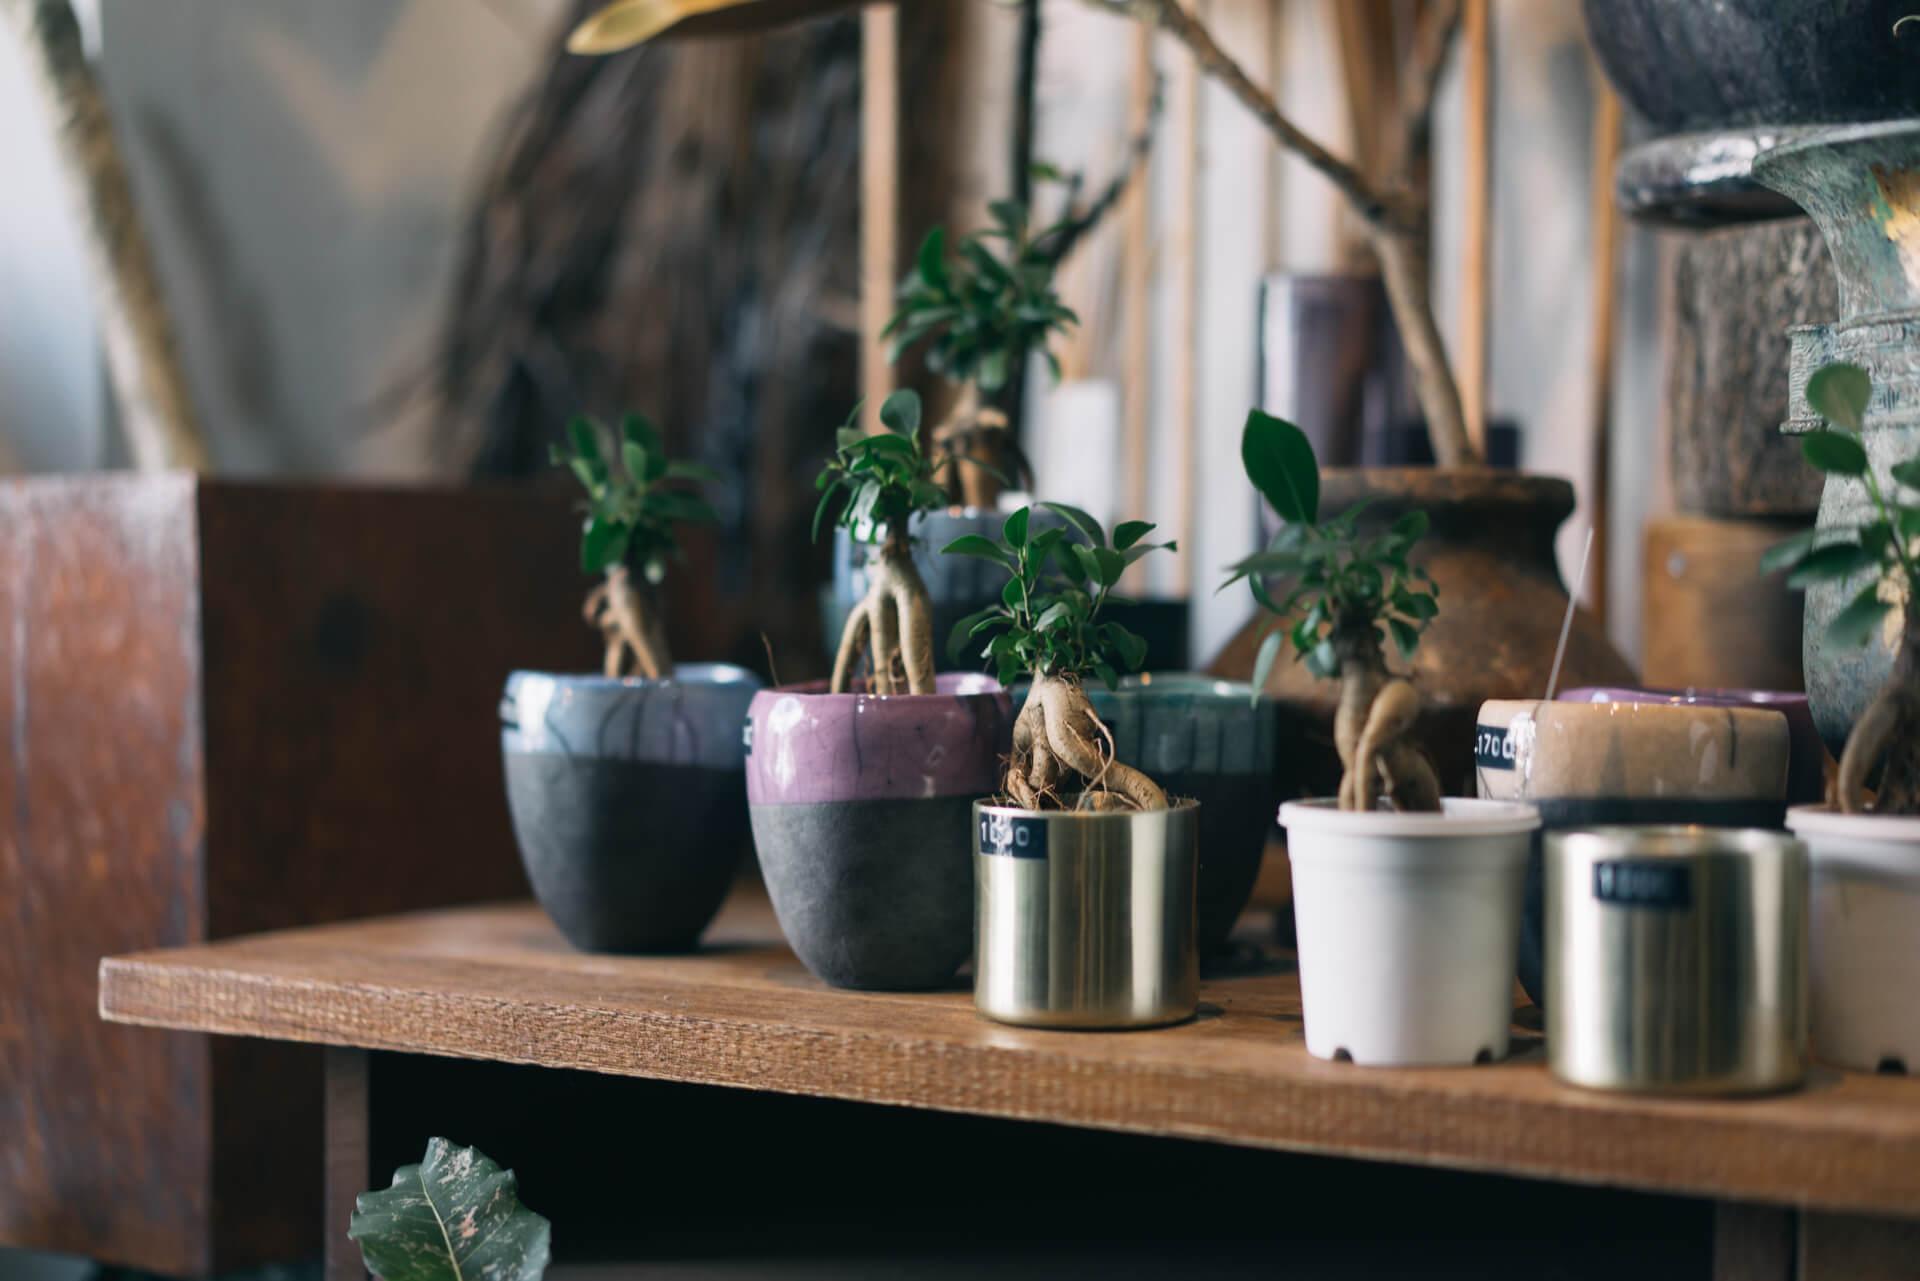 鉢植えも、雰囲気のある植物がひとつひとつそれに合わせた鉢に植えられています。